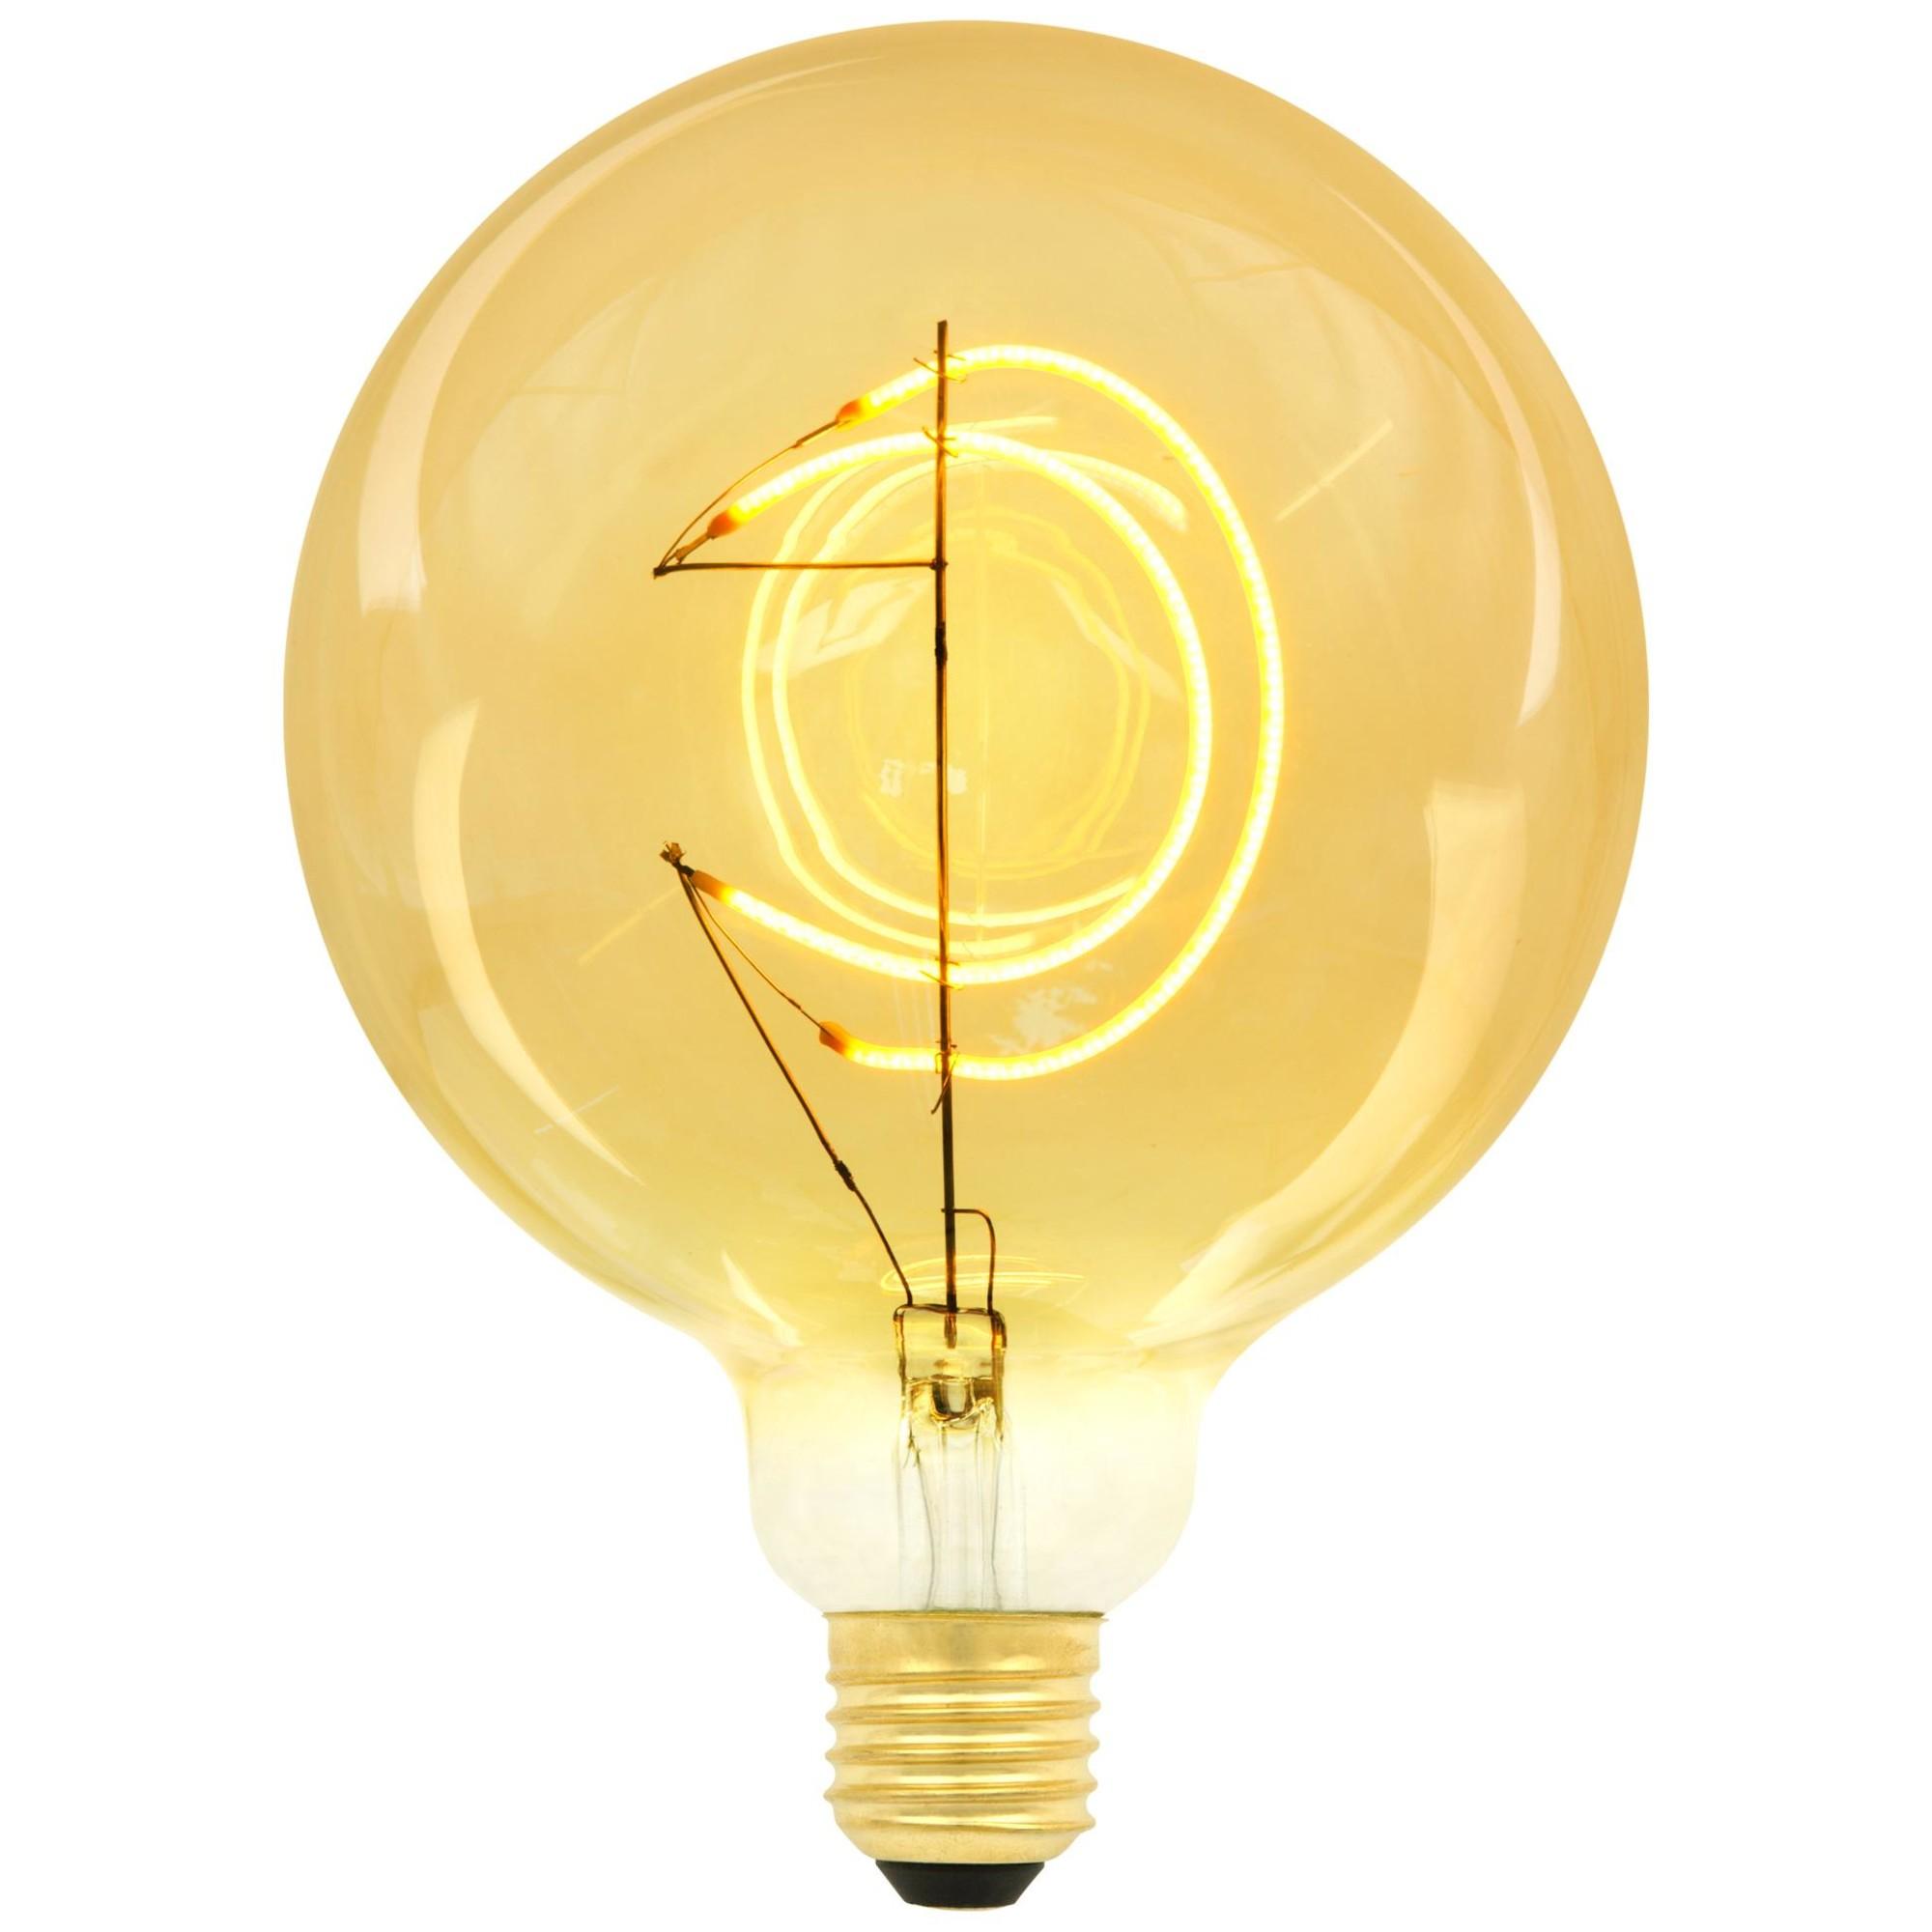 Светодиодная лампочка UNIEL Soho E27 400 Лм 5 Вт UL-00007625 теплый белый свет